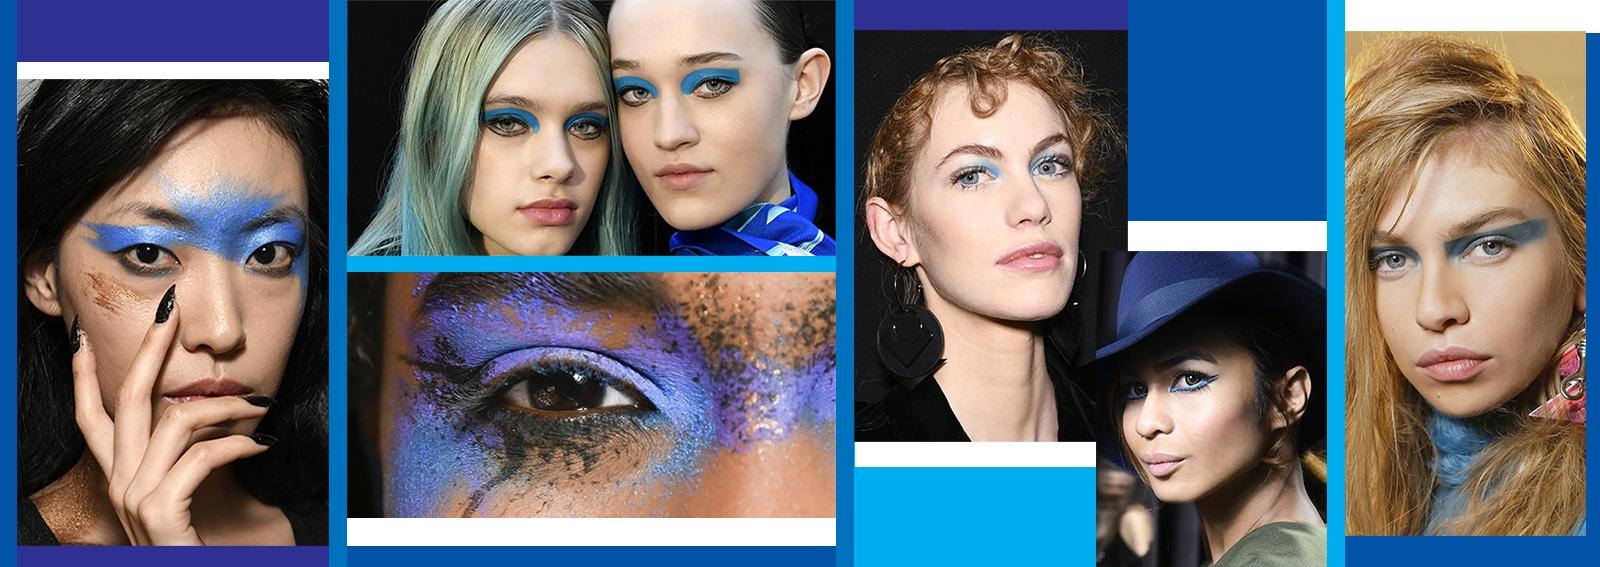 trucco blu la tendenza makeup autunno inverno 2017 2018 collage_desktop